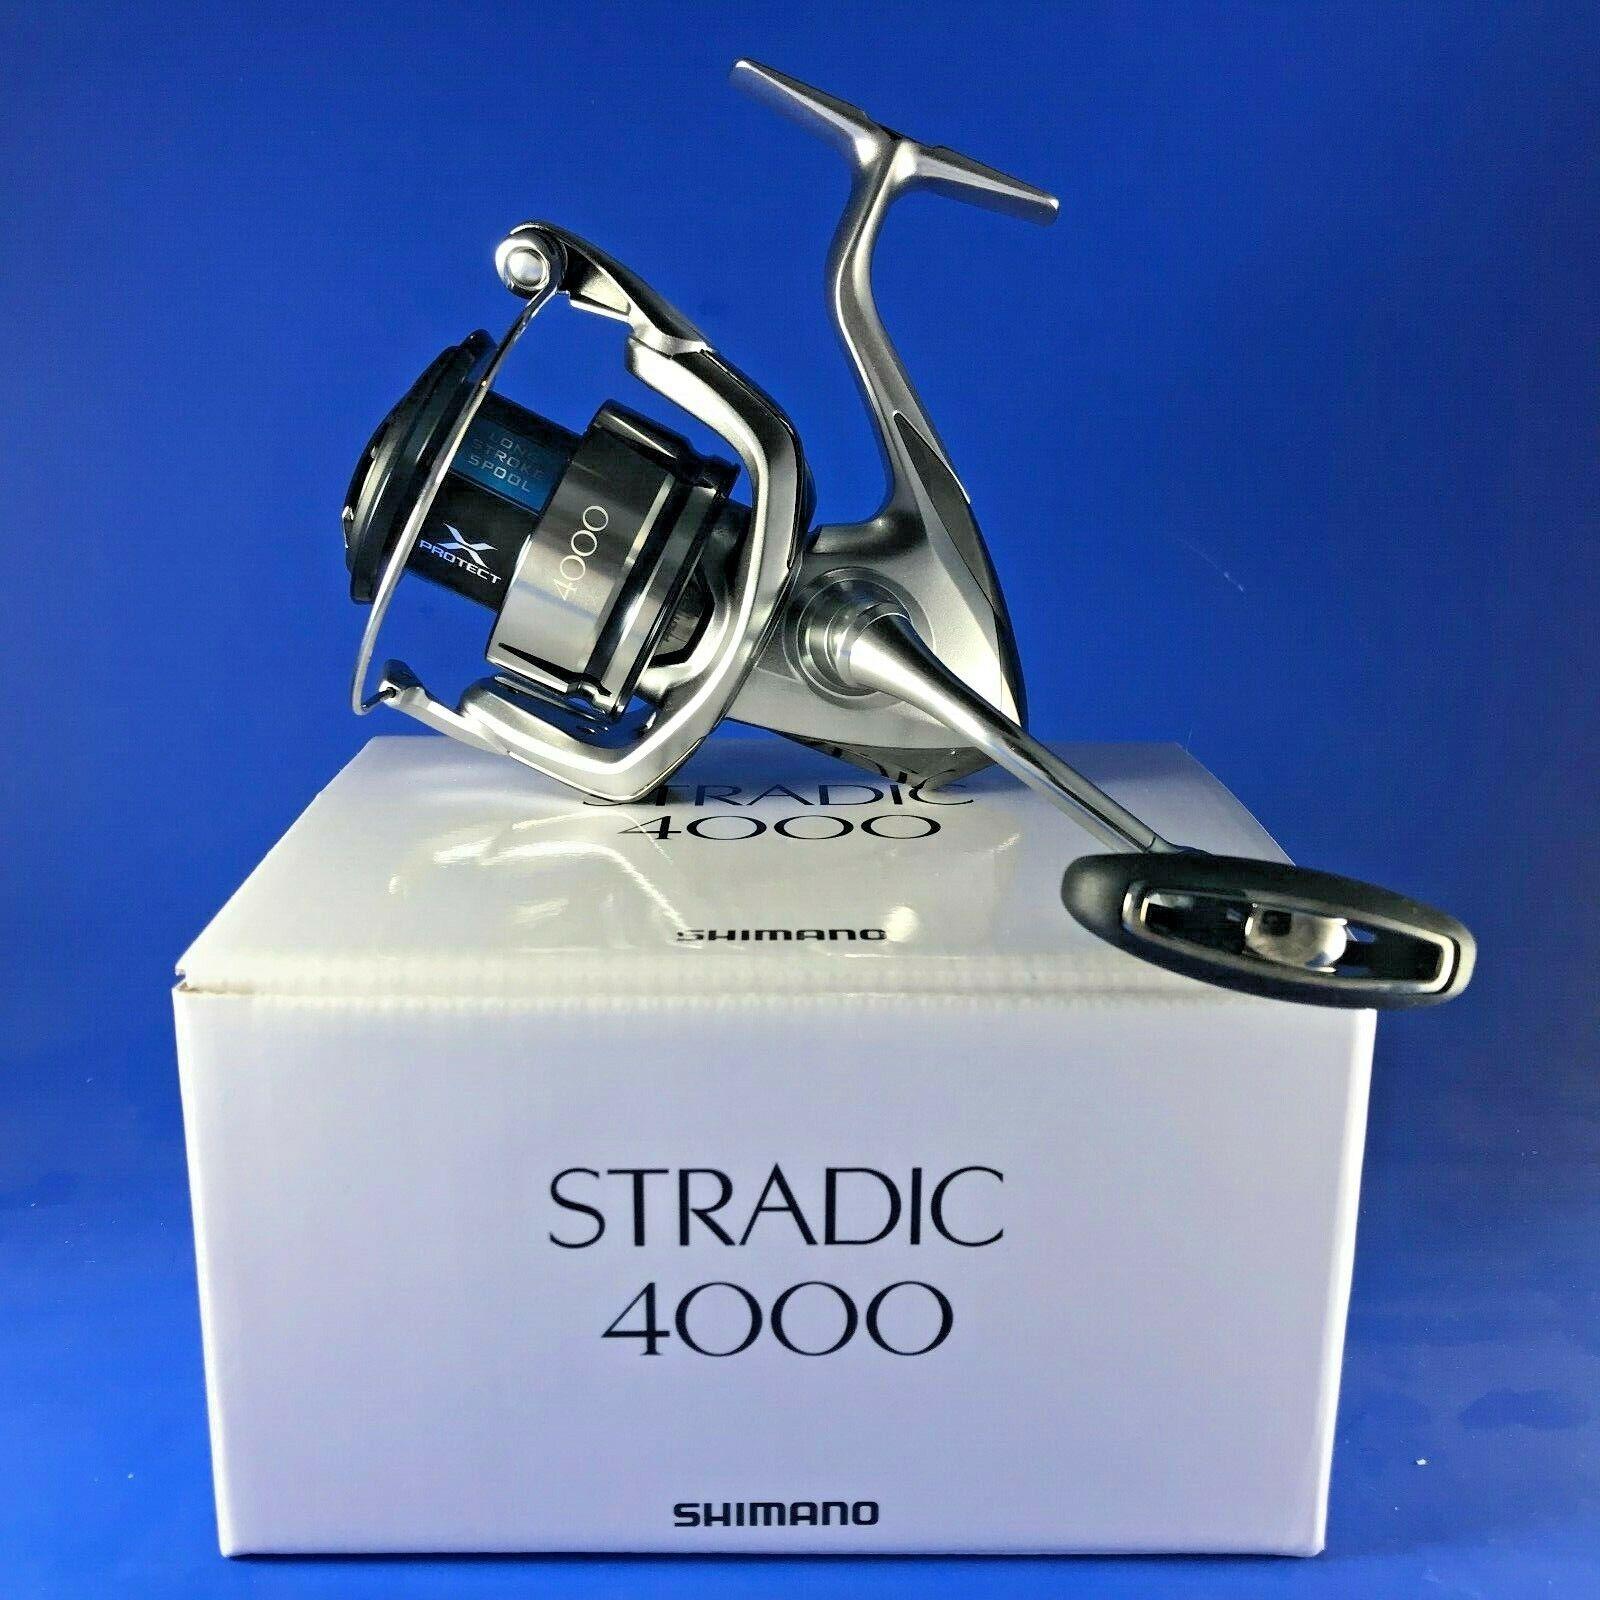 Shiuomoo Stradic 4000 FL  ST4000FL  mulinello da pesca trascinauominito davantiale nuovo 2019